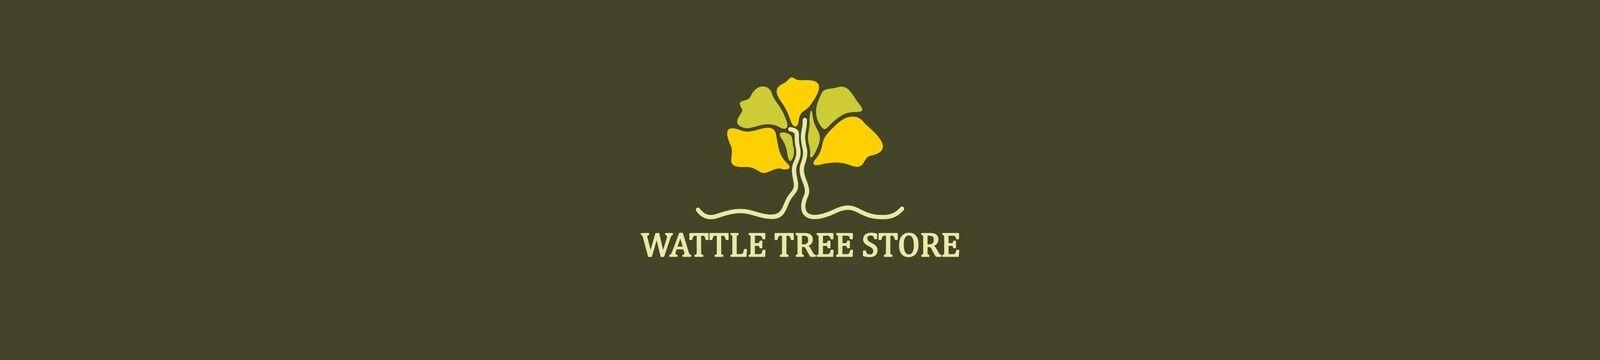 Wattle Tree Store